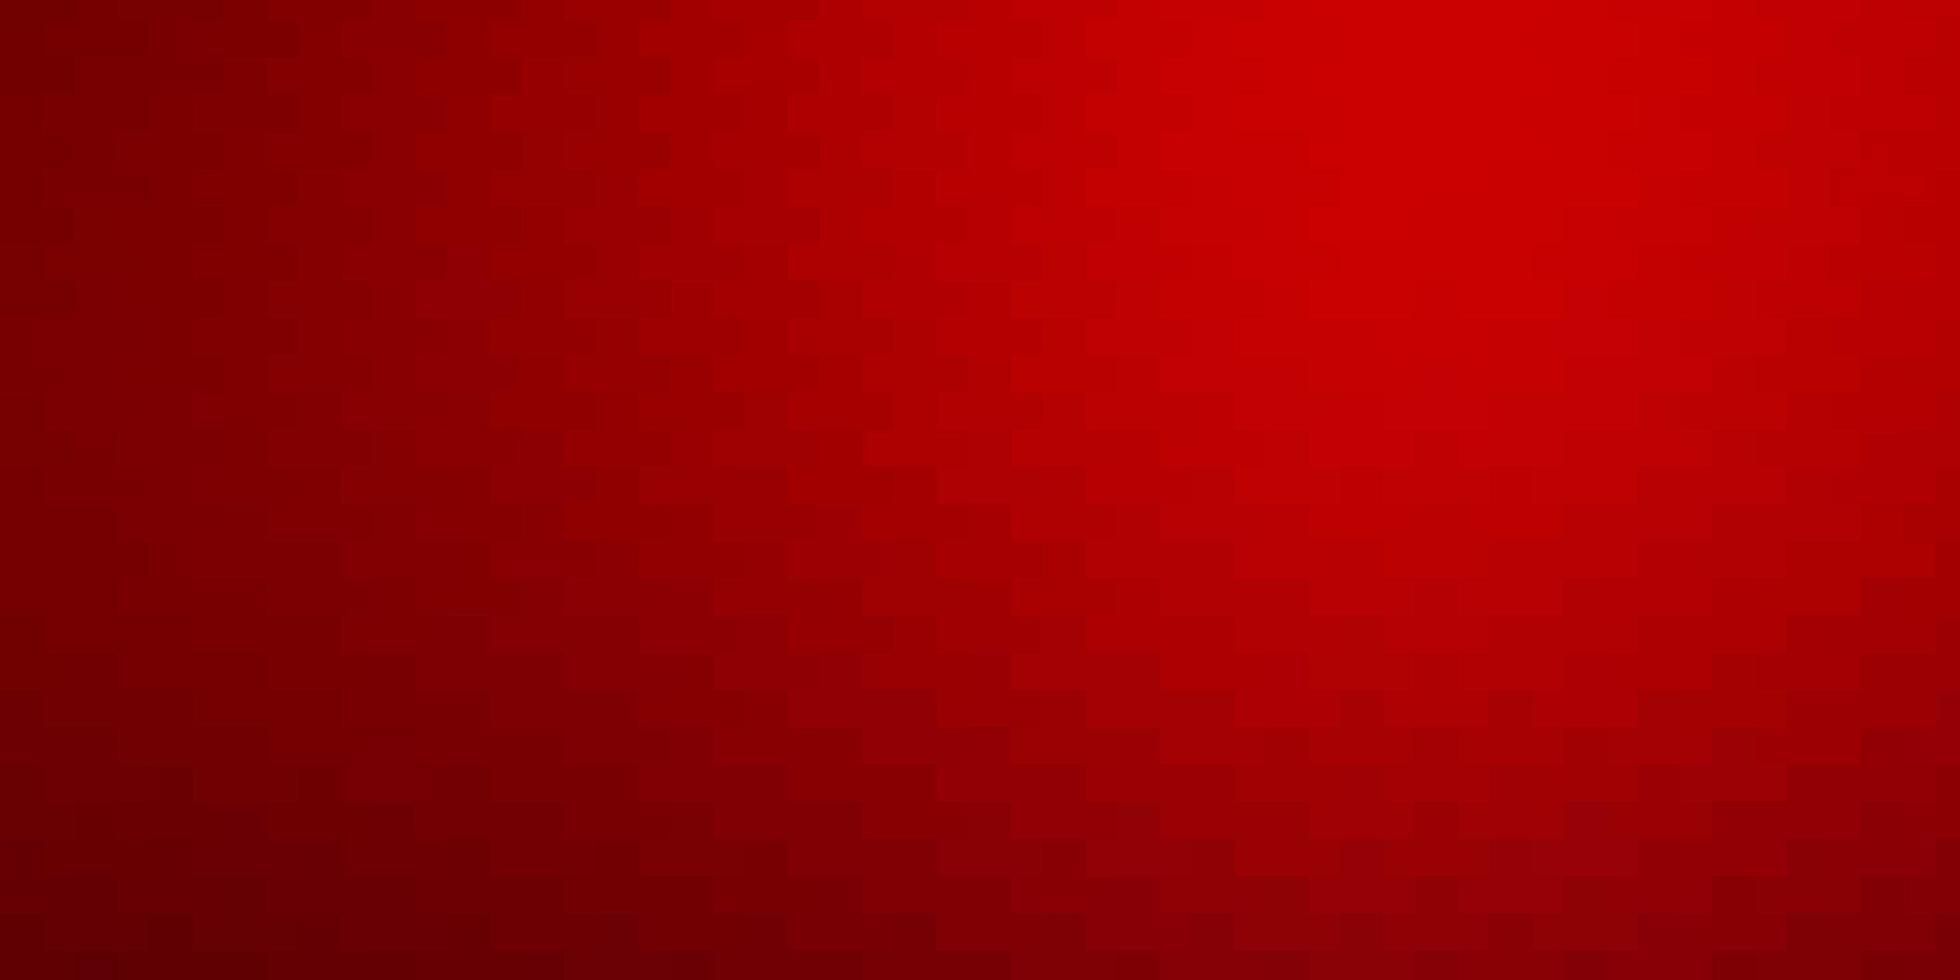 mörk röd vektor layout med linjer, rektanglar.